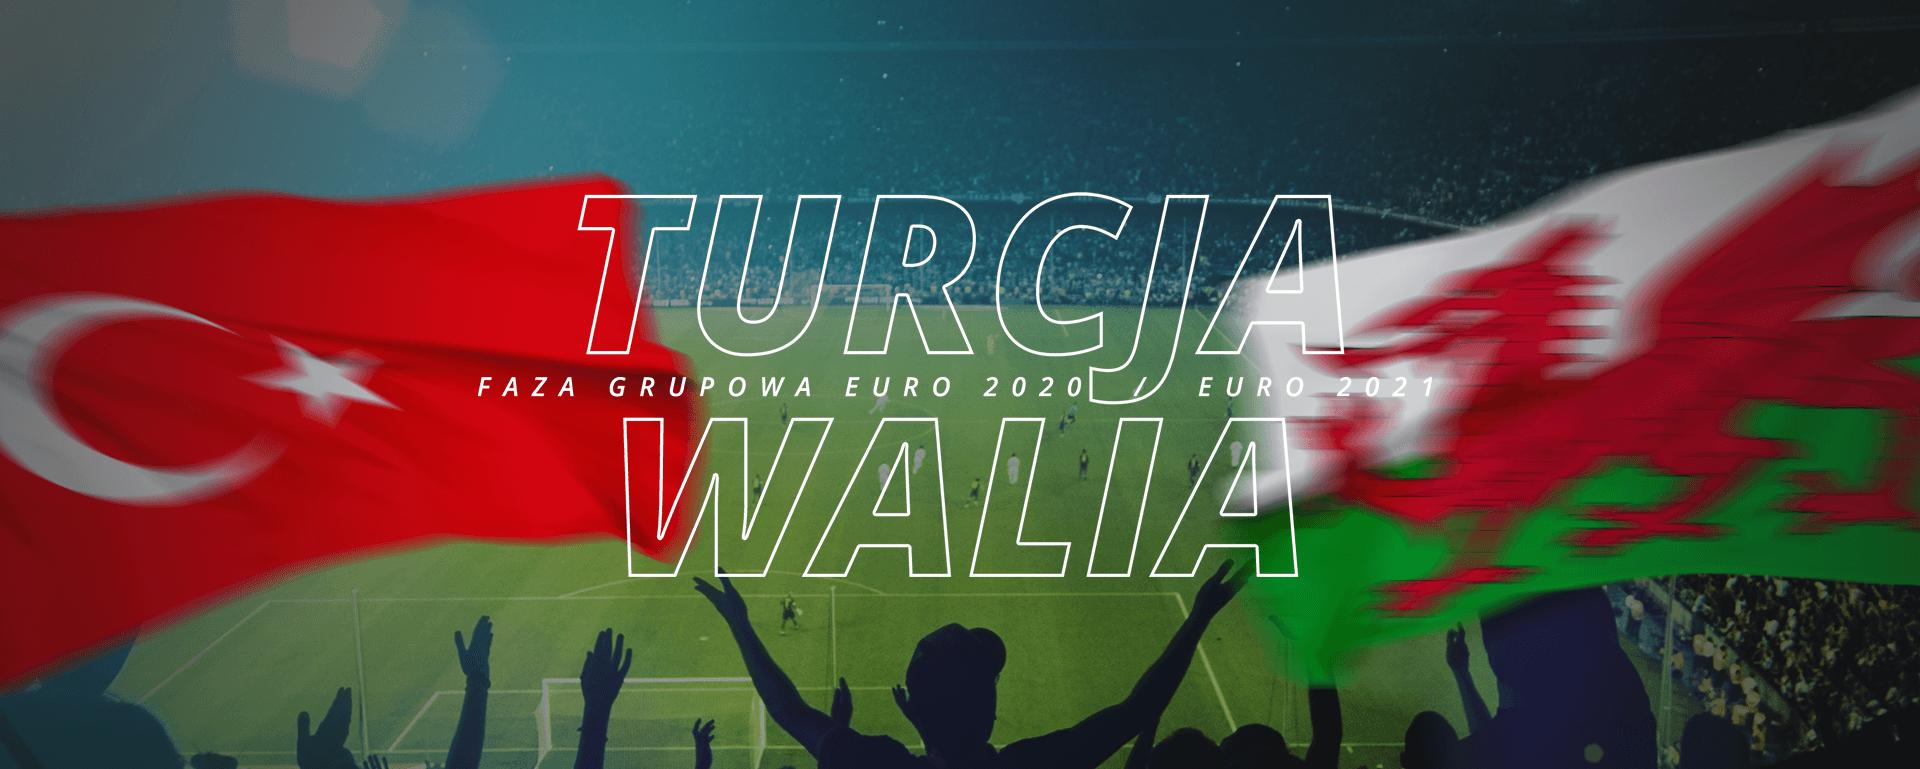 Turcja – Walia | faza grupowa Euro 2020 / Euro 2021